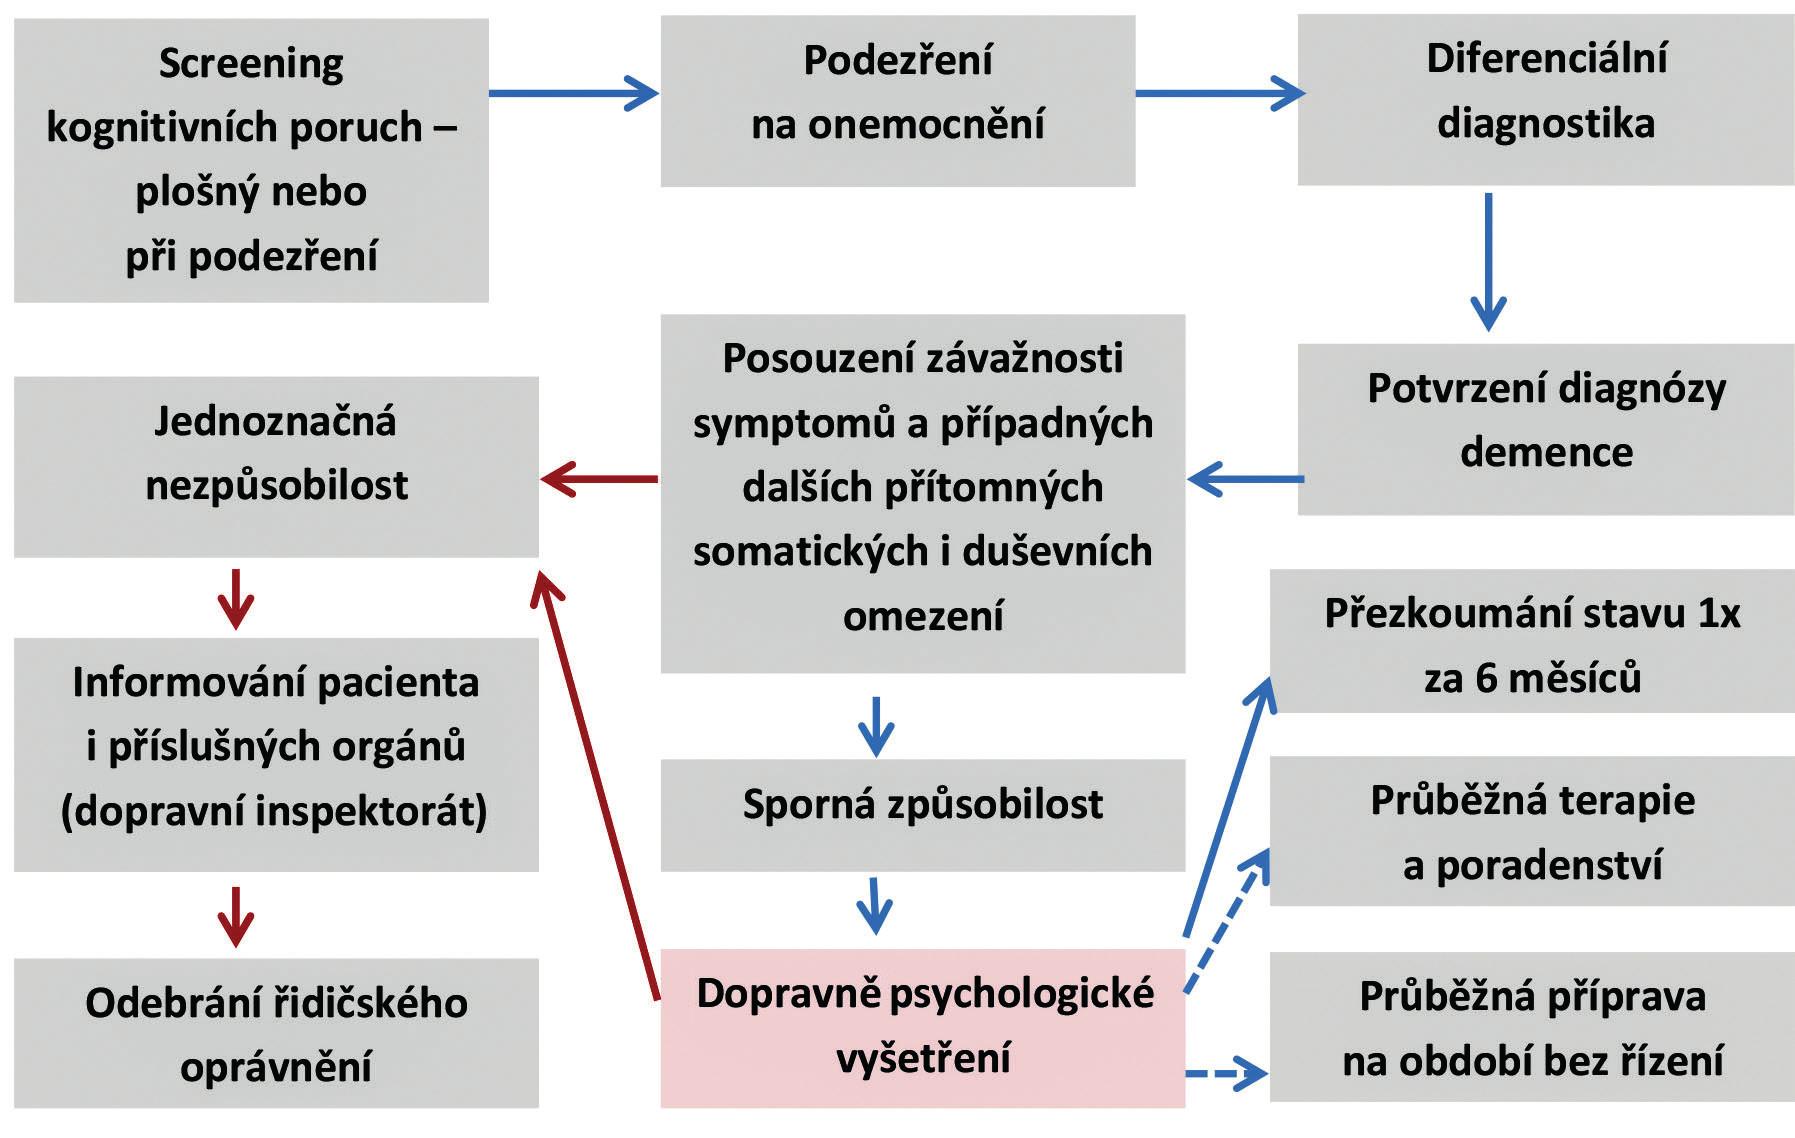 Základní postup vyšetření u pacientů s diagnózou demence